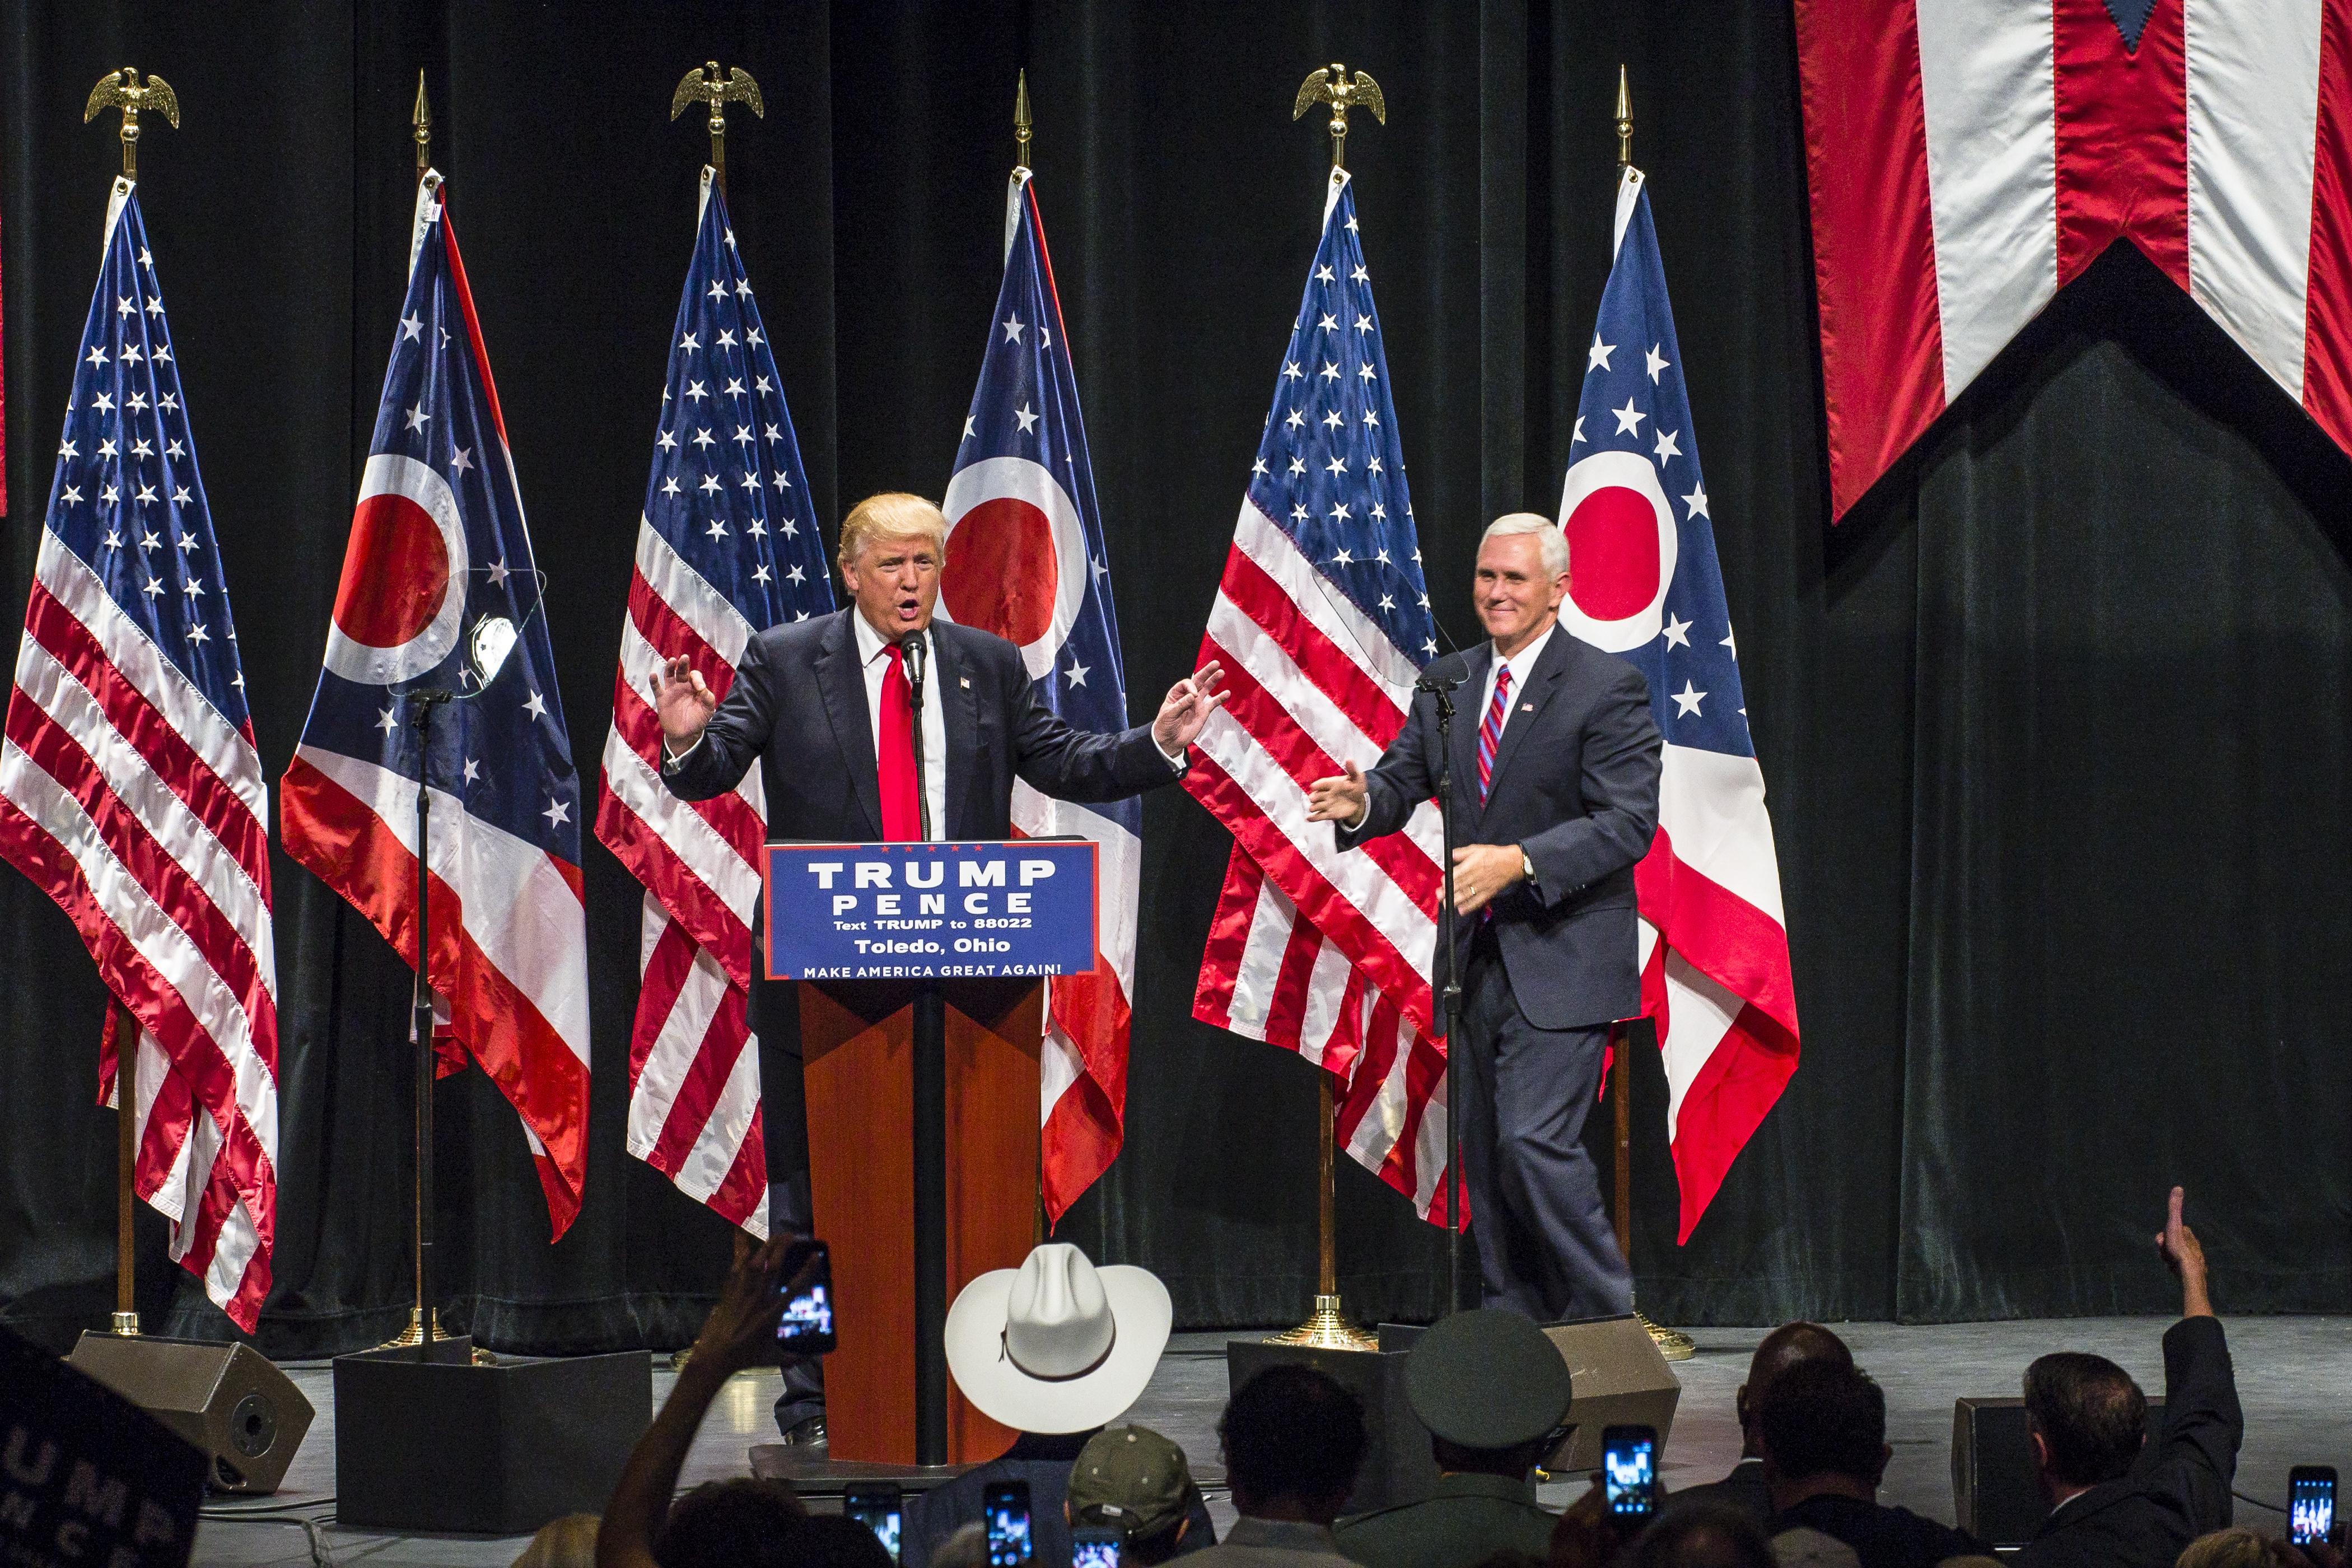 Ted Cruz Endorses Former Rival Donald Trump